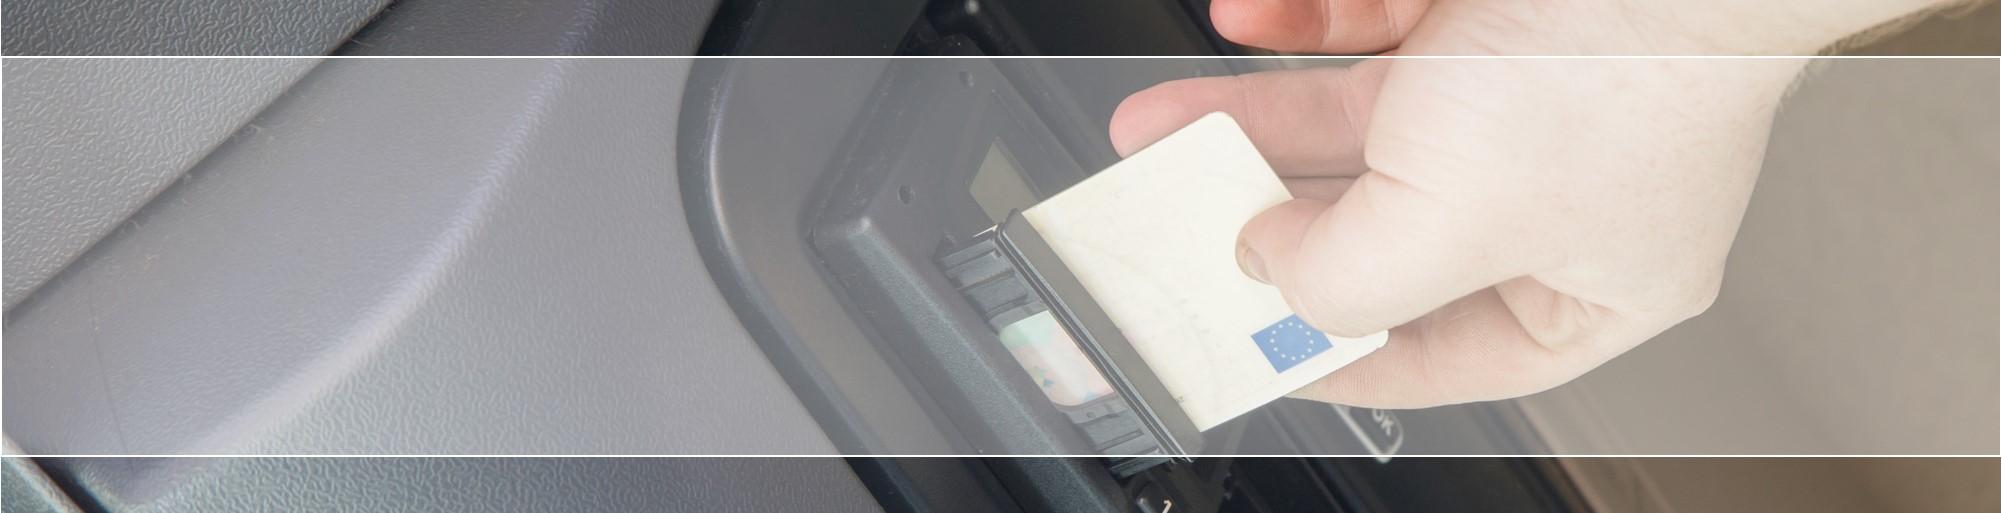 remote tachograph download compatibility checker